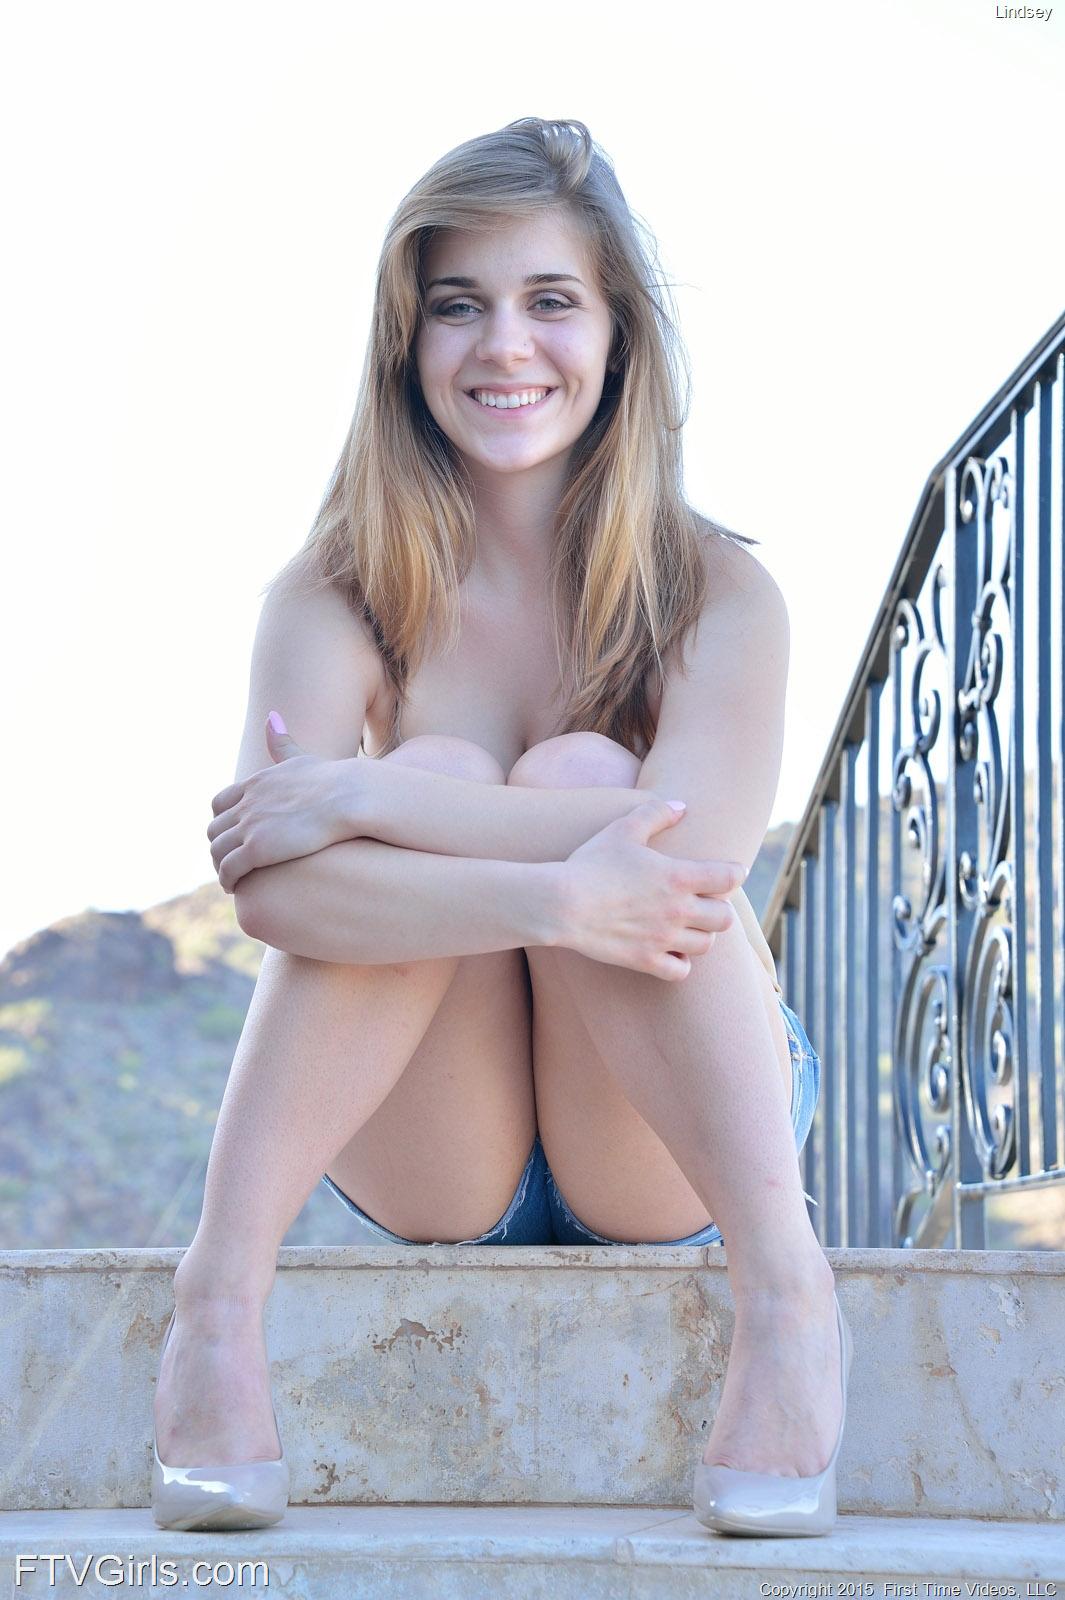 ftv naked fat women